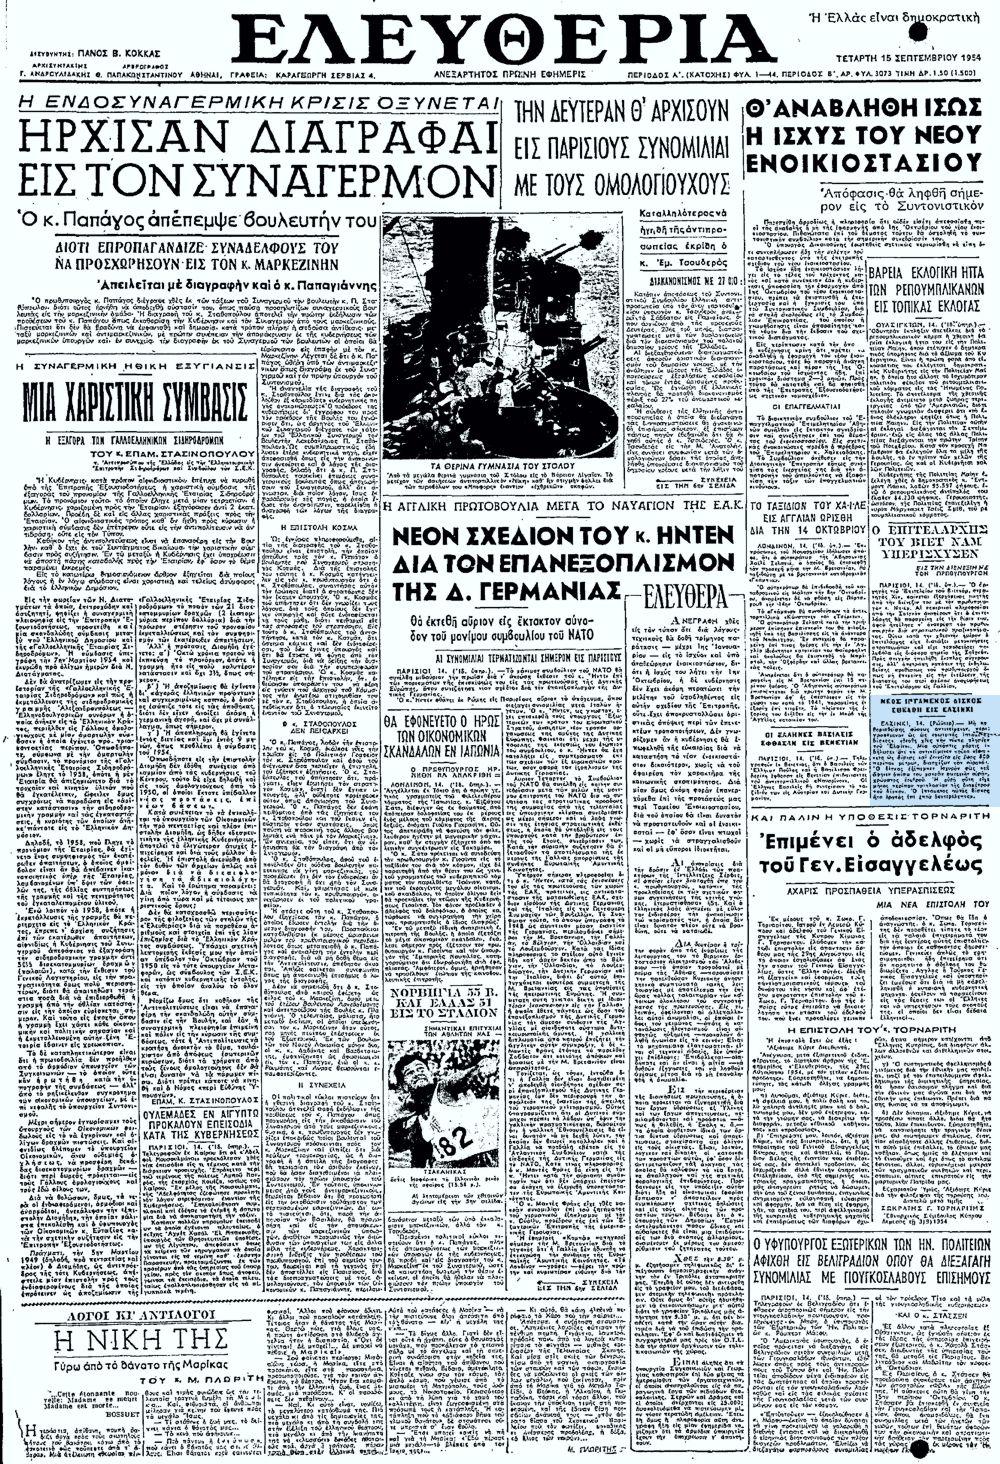 """Το άρθρο, όπως δημοσιεύθηκε στην εφημερίδα """"ΕΛΕΥΘΕΡΙΑ"""", στις 15/09/1954"""